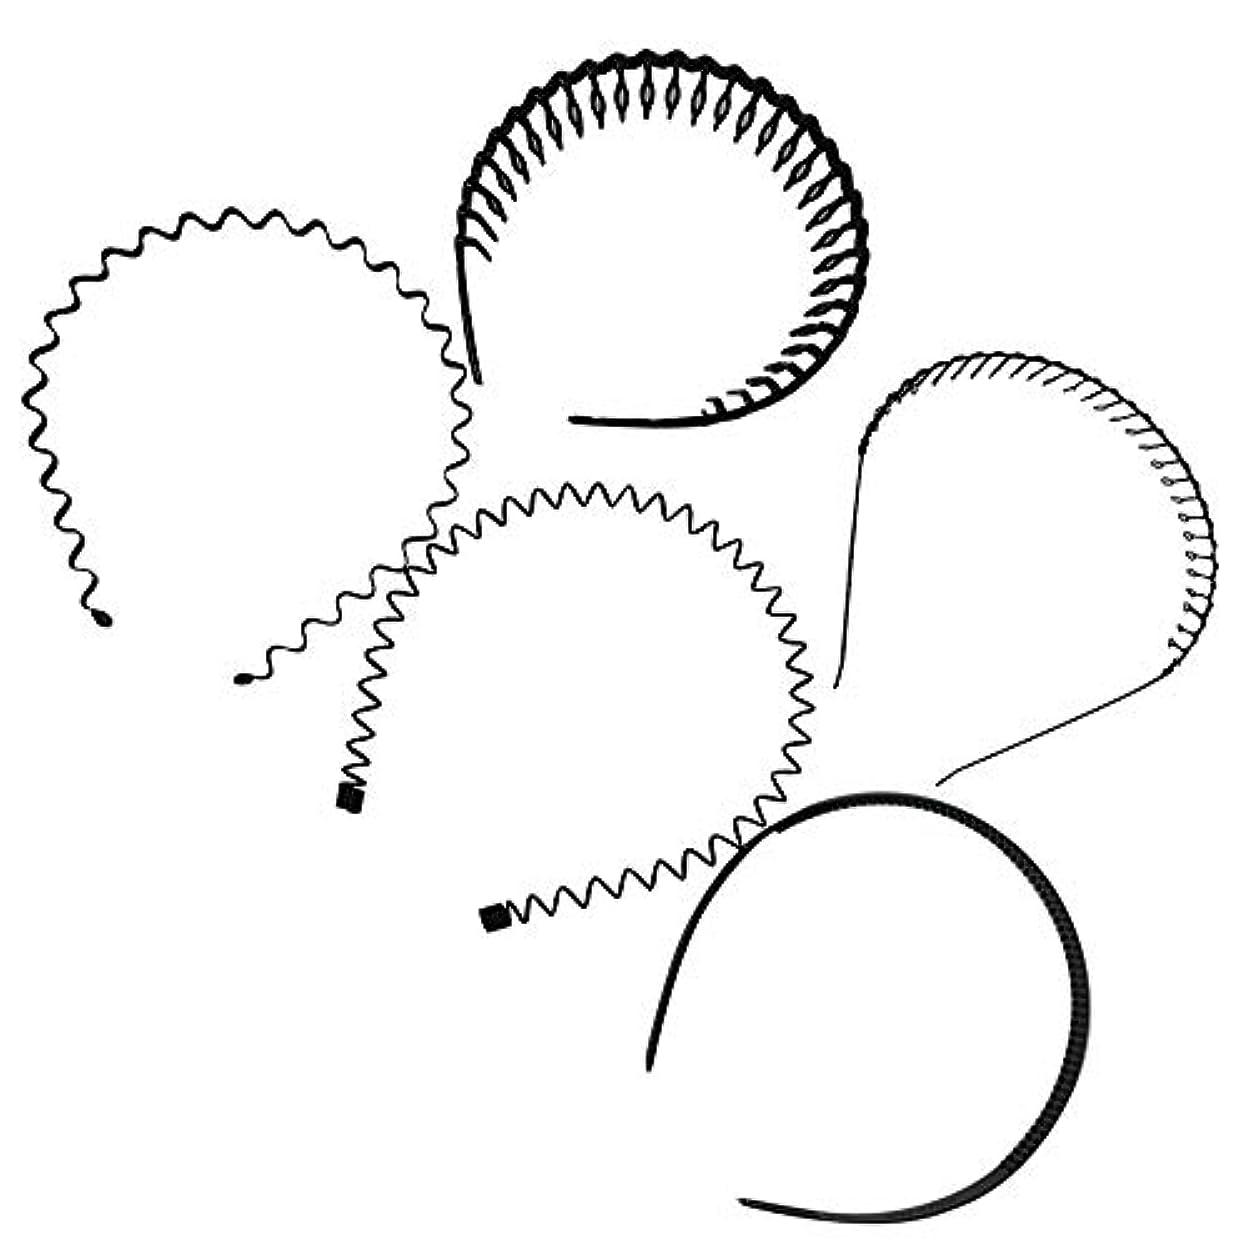 。クスコ乗算ヘアバンド カチューシャ 5本セット 5種入り 男性 女性 兼用 髪留め ヘアアクセサリー